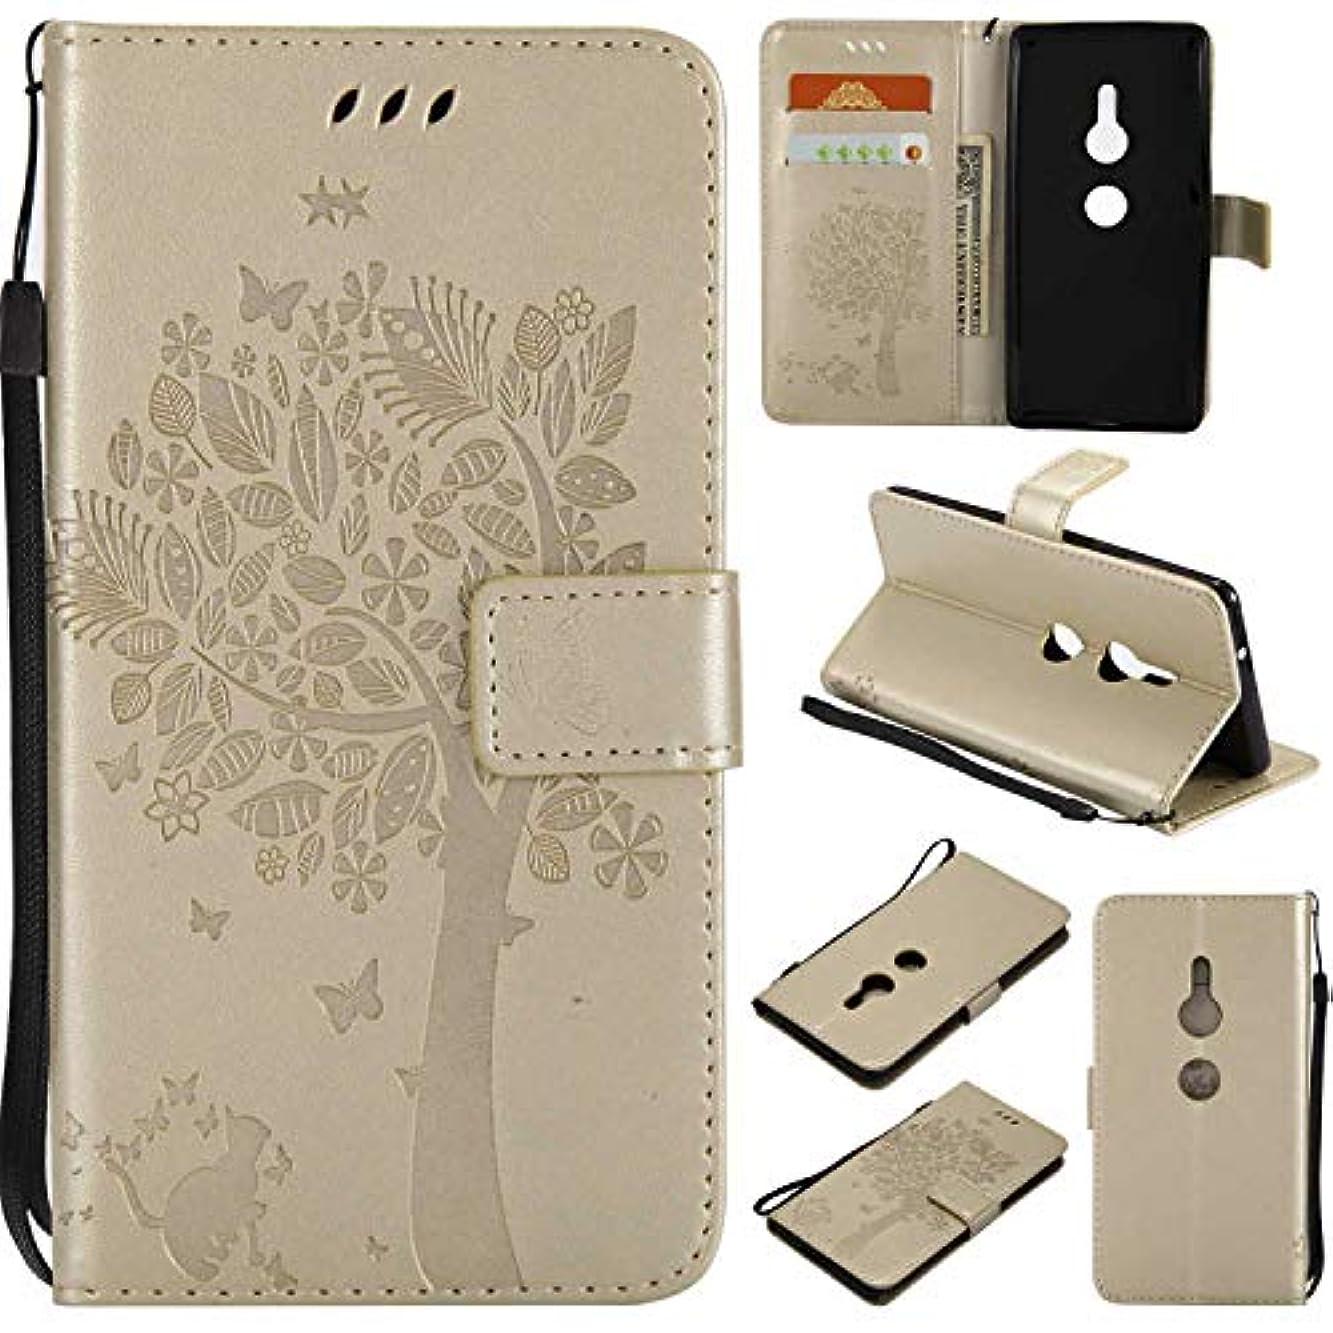 継承操作染色OMATENTI Sony Xperia XZ2 ケース 手帳型ケース ウォレット型 カード収納 ストラップ付き 高級感PUレザー 押し花木柄 落下防止 財布型 カバー Sony Xperia XZ2 用 Case Cover, 白